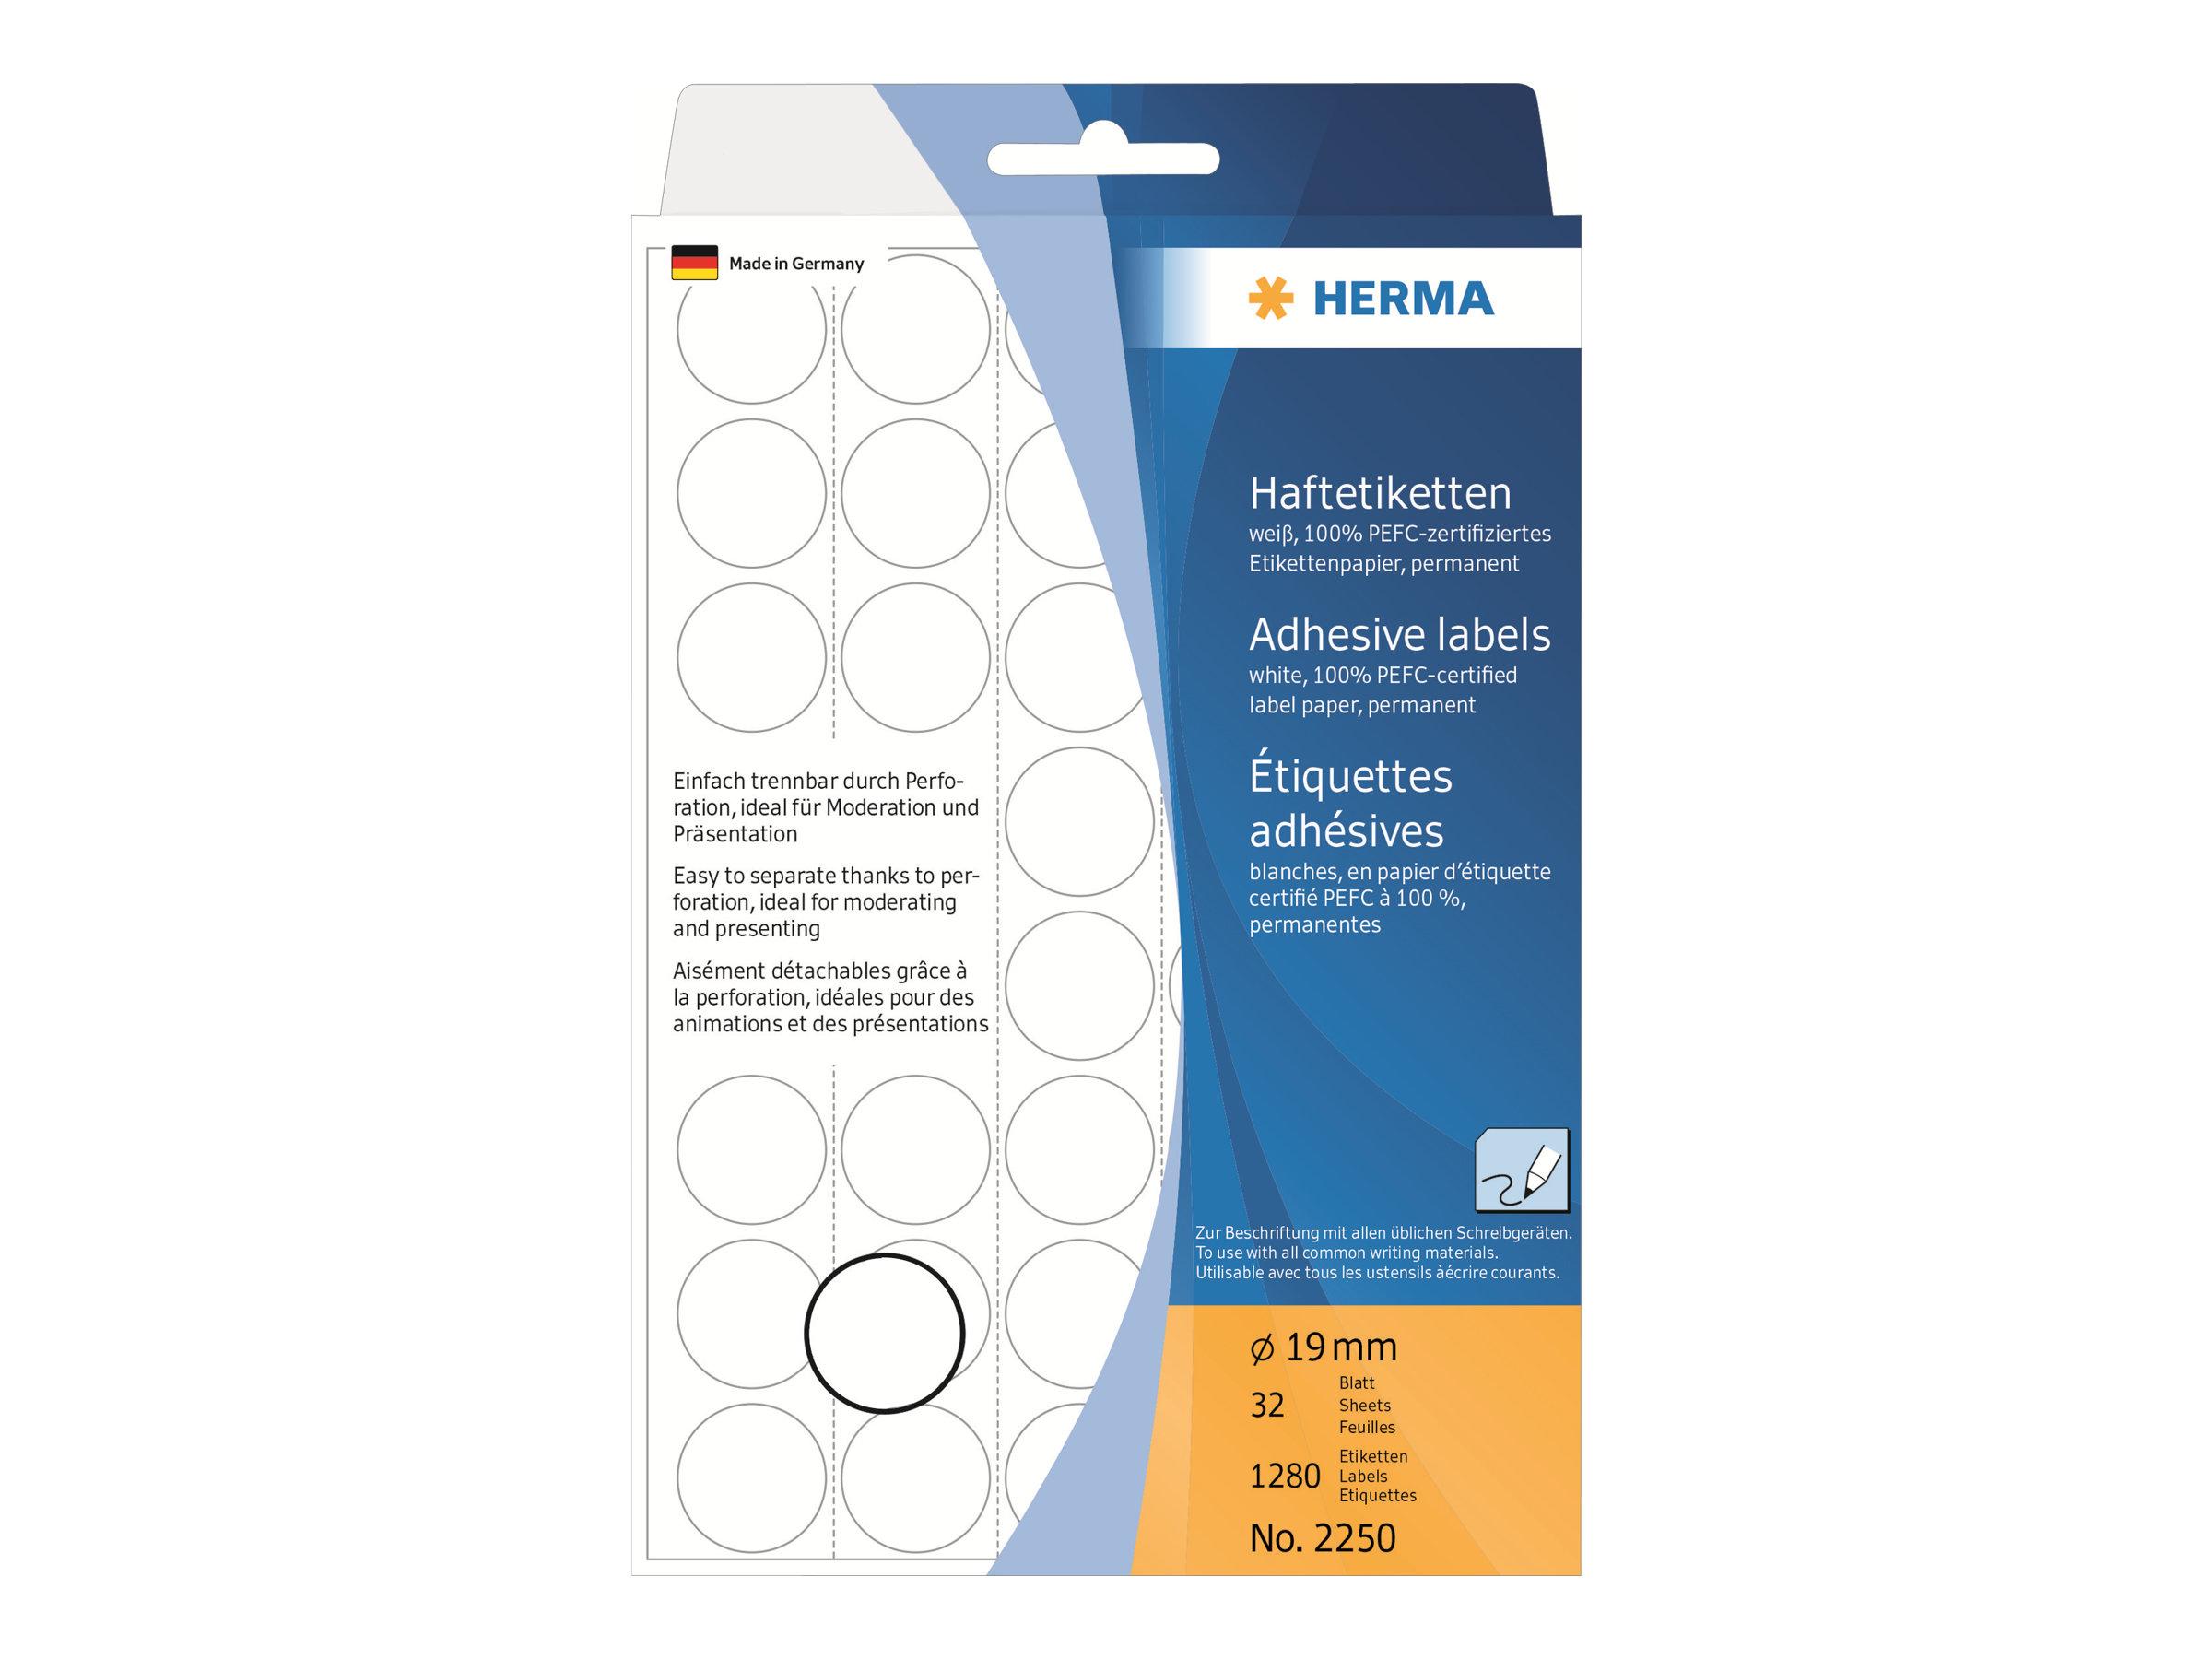 HERMA Permanenter Klebstoff - weiß - 19 mm rund 1280 Etikett(en) (32 Bogen x 40)